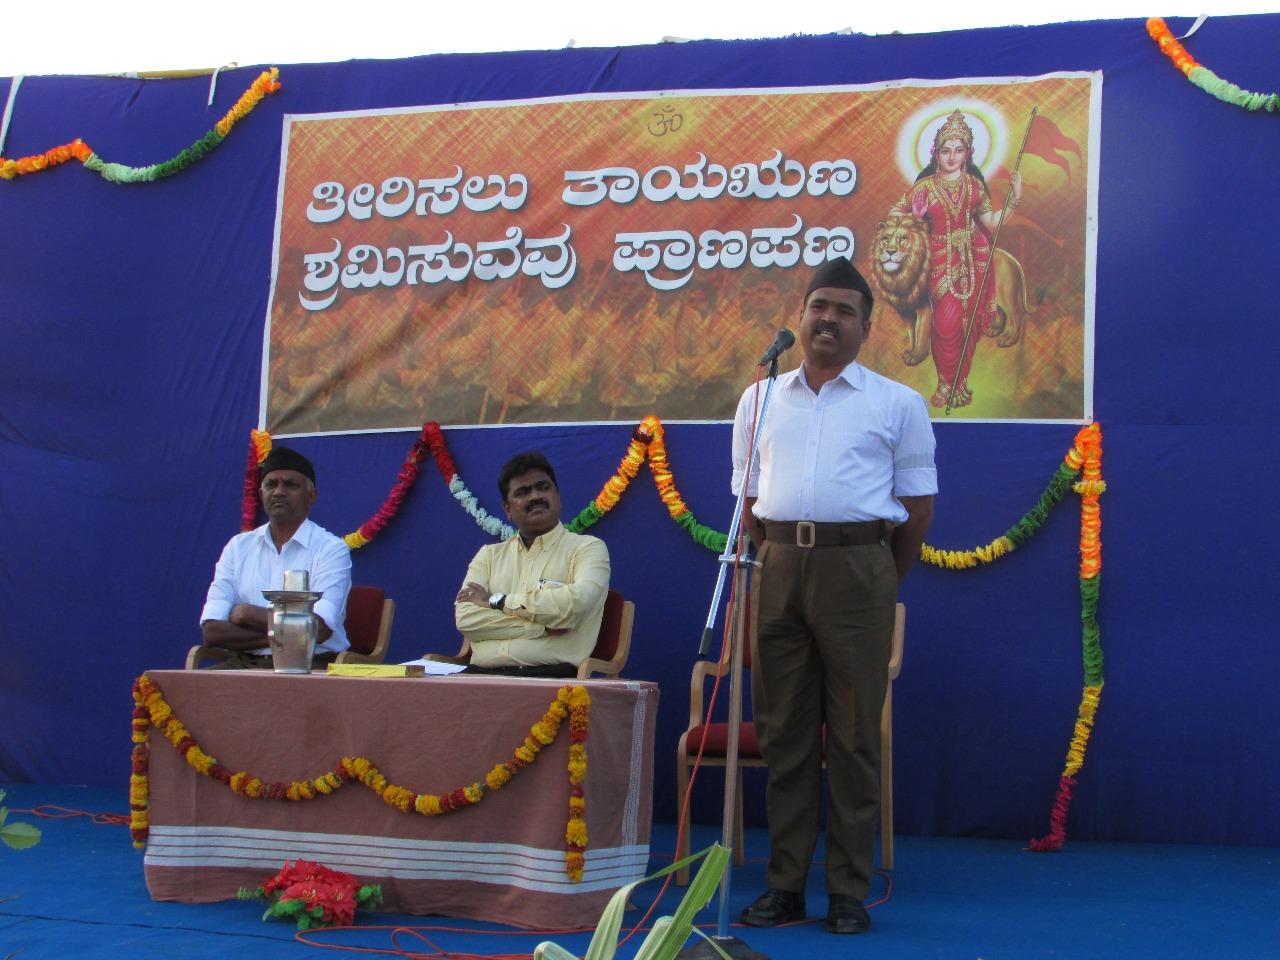 Karnataka Uttar Prant's Sangh Shiksha Varg concludes at Dharwad